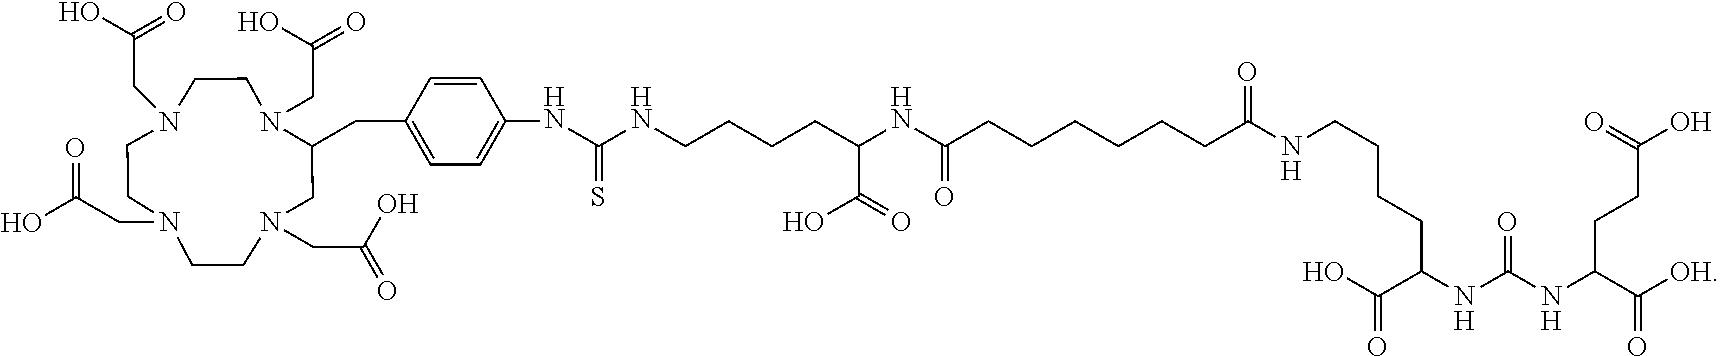 Figure US09694091-20170704-C00041